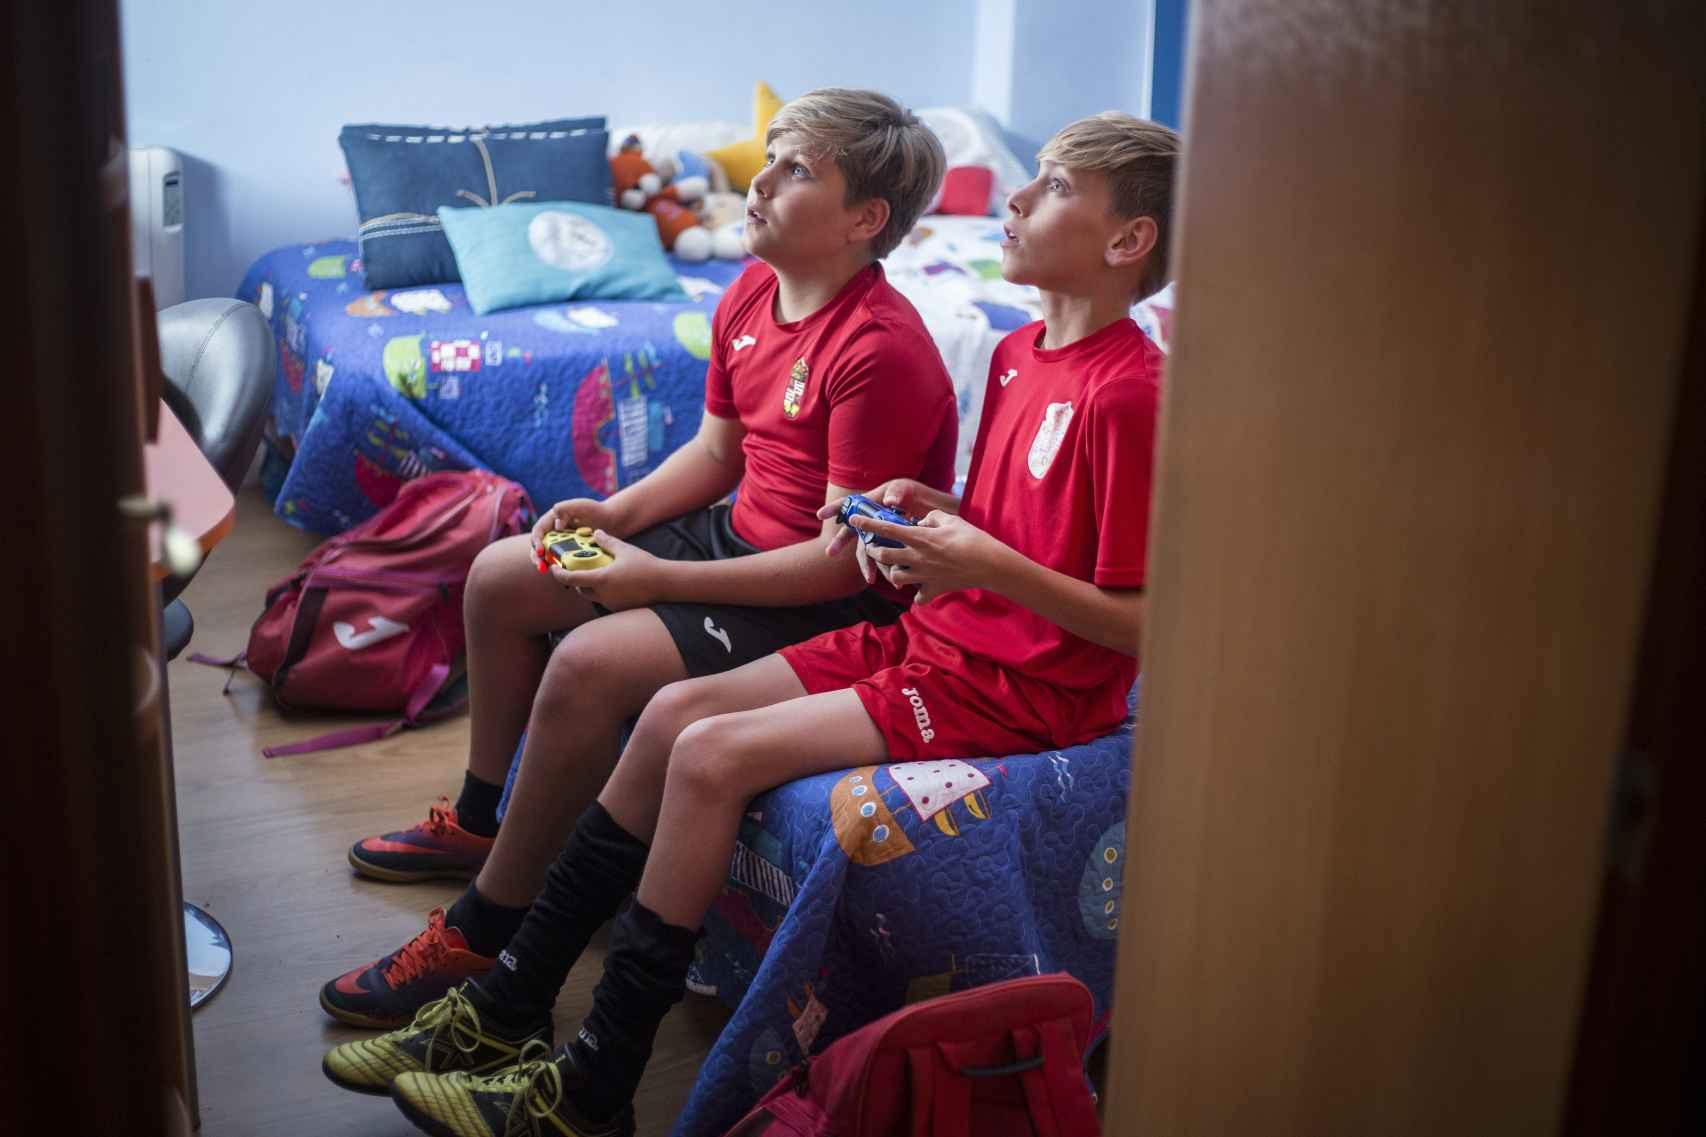 Fran en casa de su primo disputando un partido de fútbol en una consola de videojuegos.